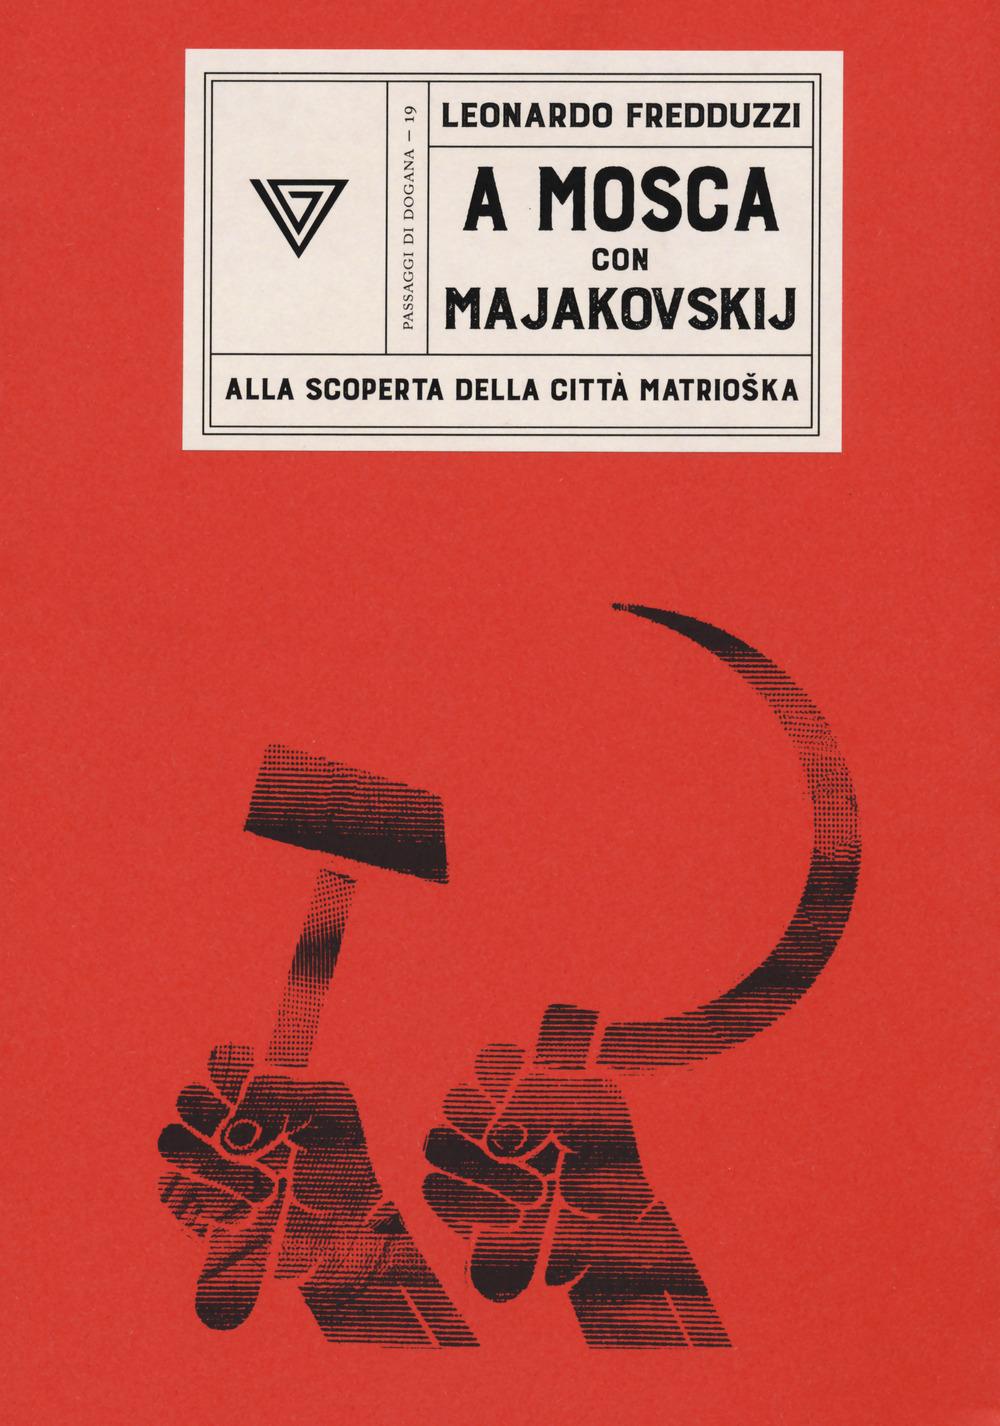 A Mosca con Majakovskij. Alla scoperta della città matrioska